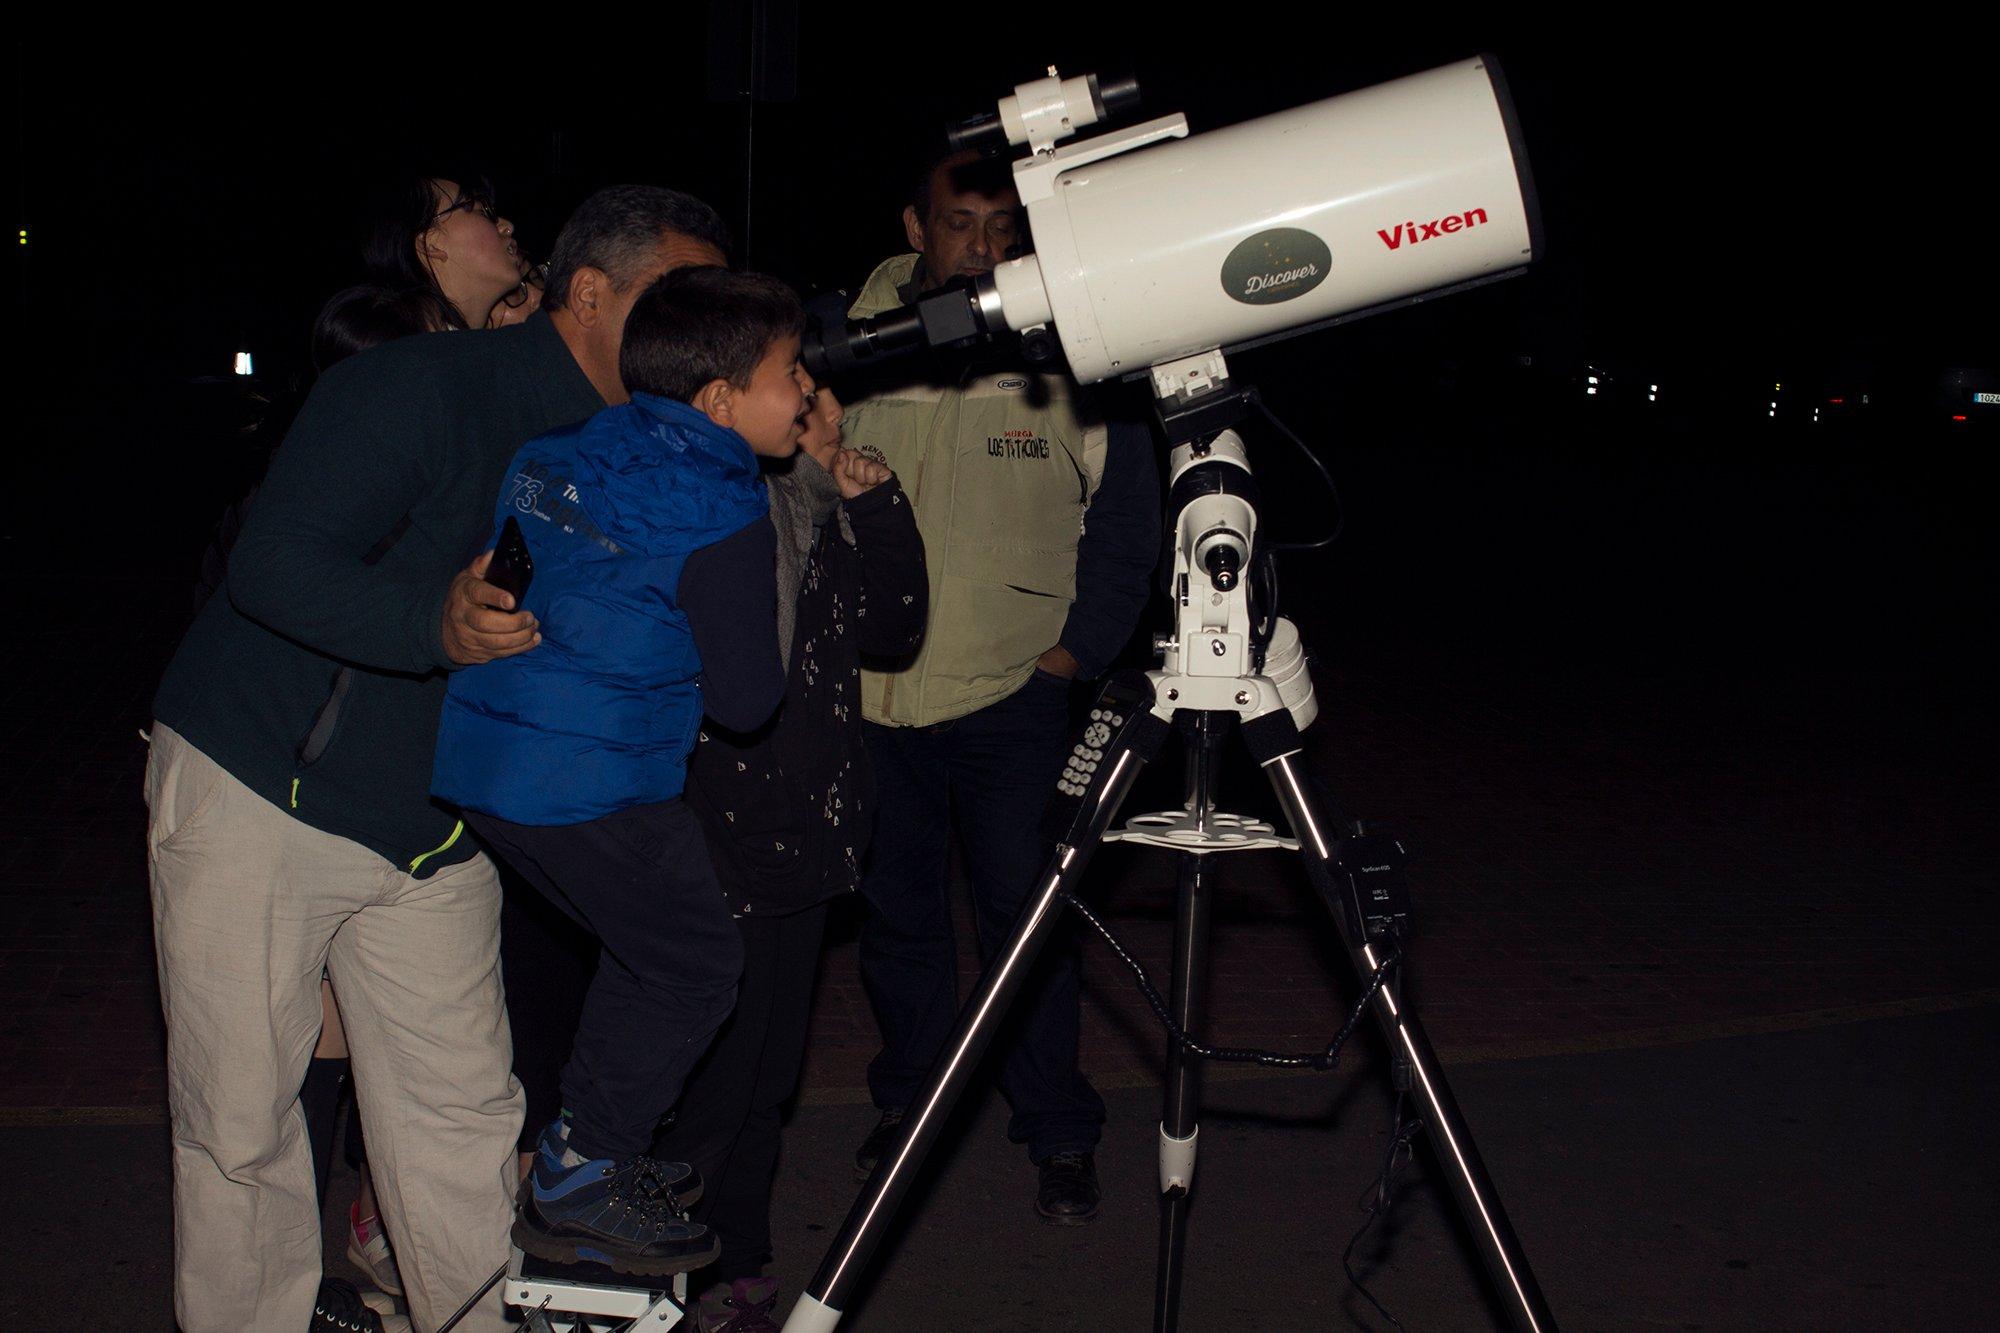 Besuch des Teide mit Kindern und Sternebeobachtung mit der Familie